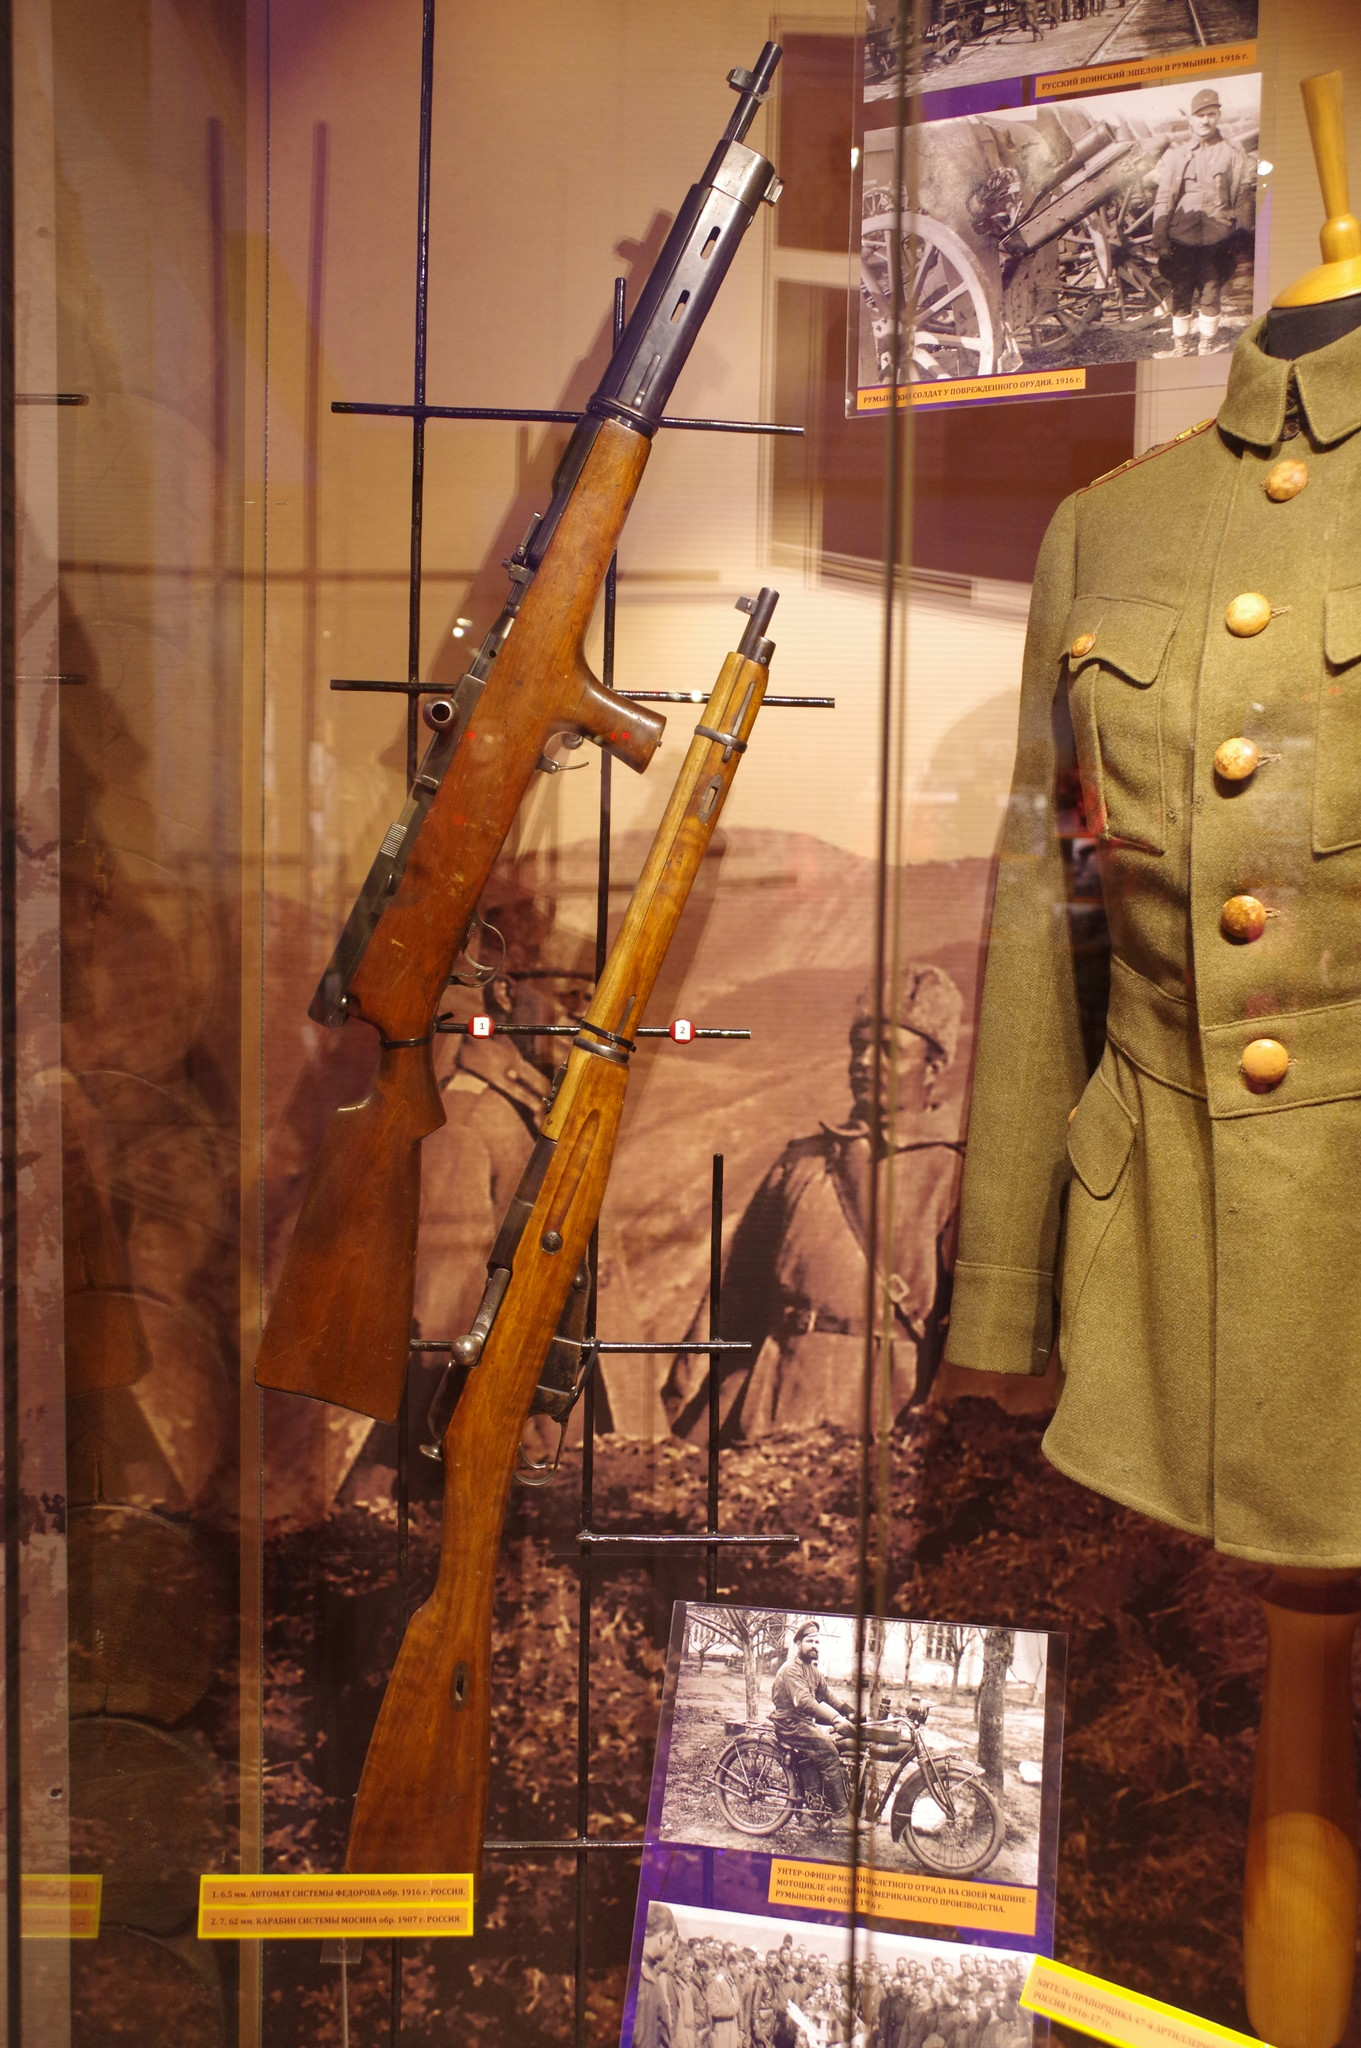 6,5 мм автомат системы Фёдорова образца 1916 года и 7,62 мм карабин системы Мосина образца 1907 года в экспозиции Центрального музея Вооружённых сил Российской Федерации